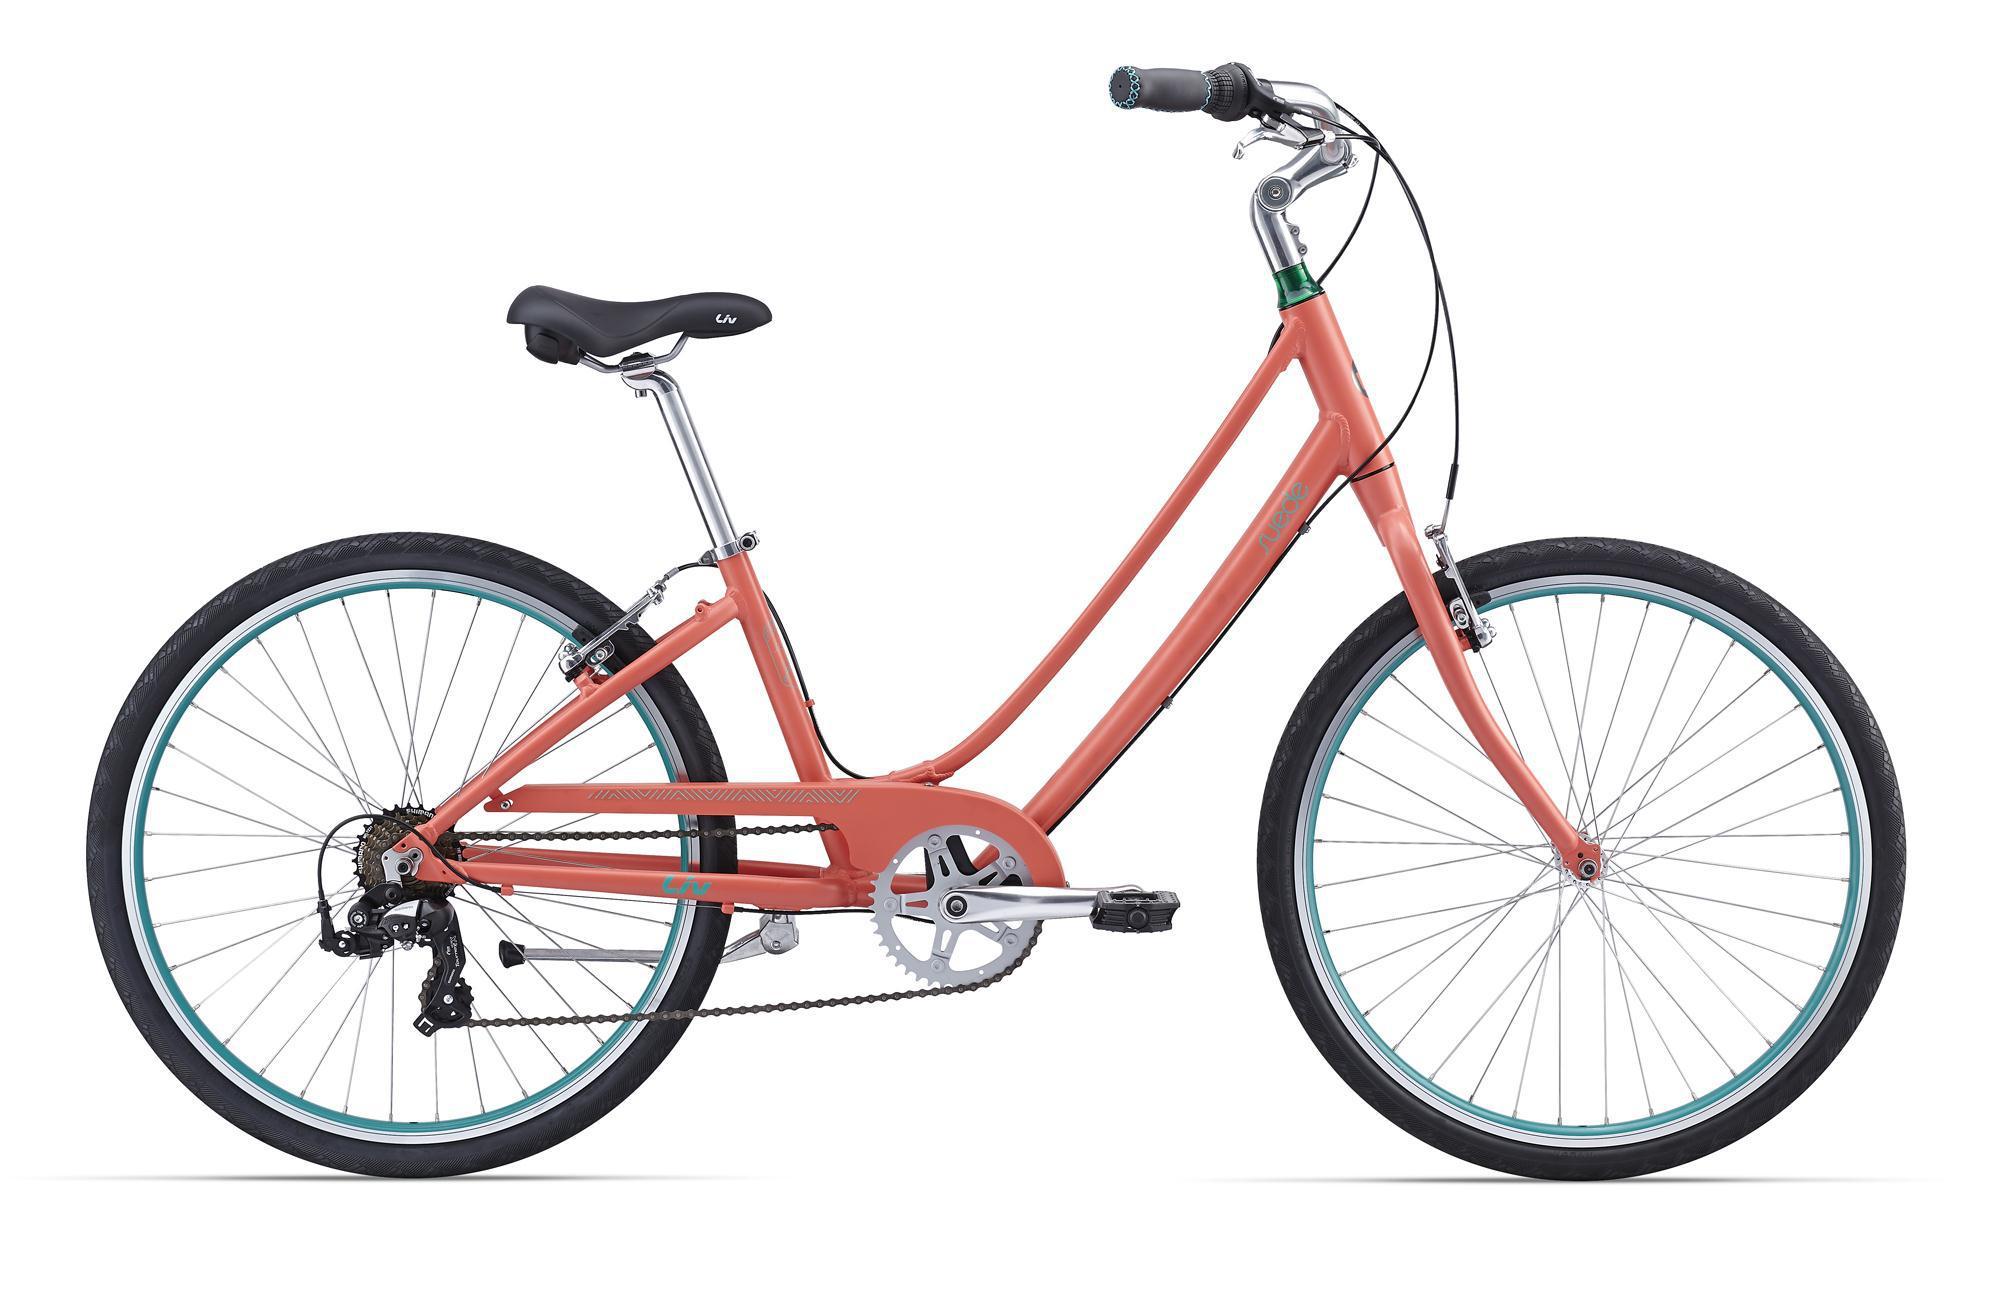 Giant Suede 2 (2016)Городские<br>В этом велосипеде тесно переплелись стиль, функциональность и резвый характер. Отличный женский вариант на все случаи жизни, от ежедневных поездок на работу до заряженных позитивом путешествий в выходные. На нем не только удобно, но и очень легко ездить благодаря легкой раме из сплава ALUXX со специальной женской геометрией Liv от Giant. Suede 2 точно станет вашим лучшим другом, который всегда рядом и готов разделить с вами самые смелые мечты!<br>